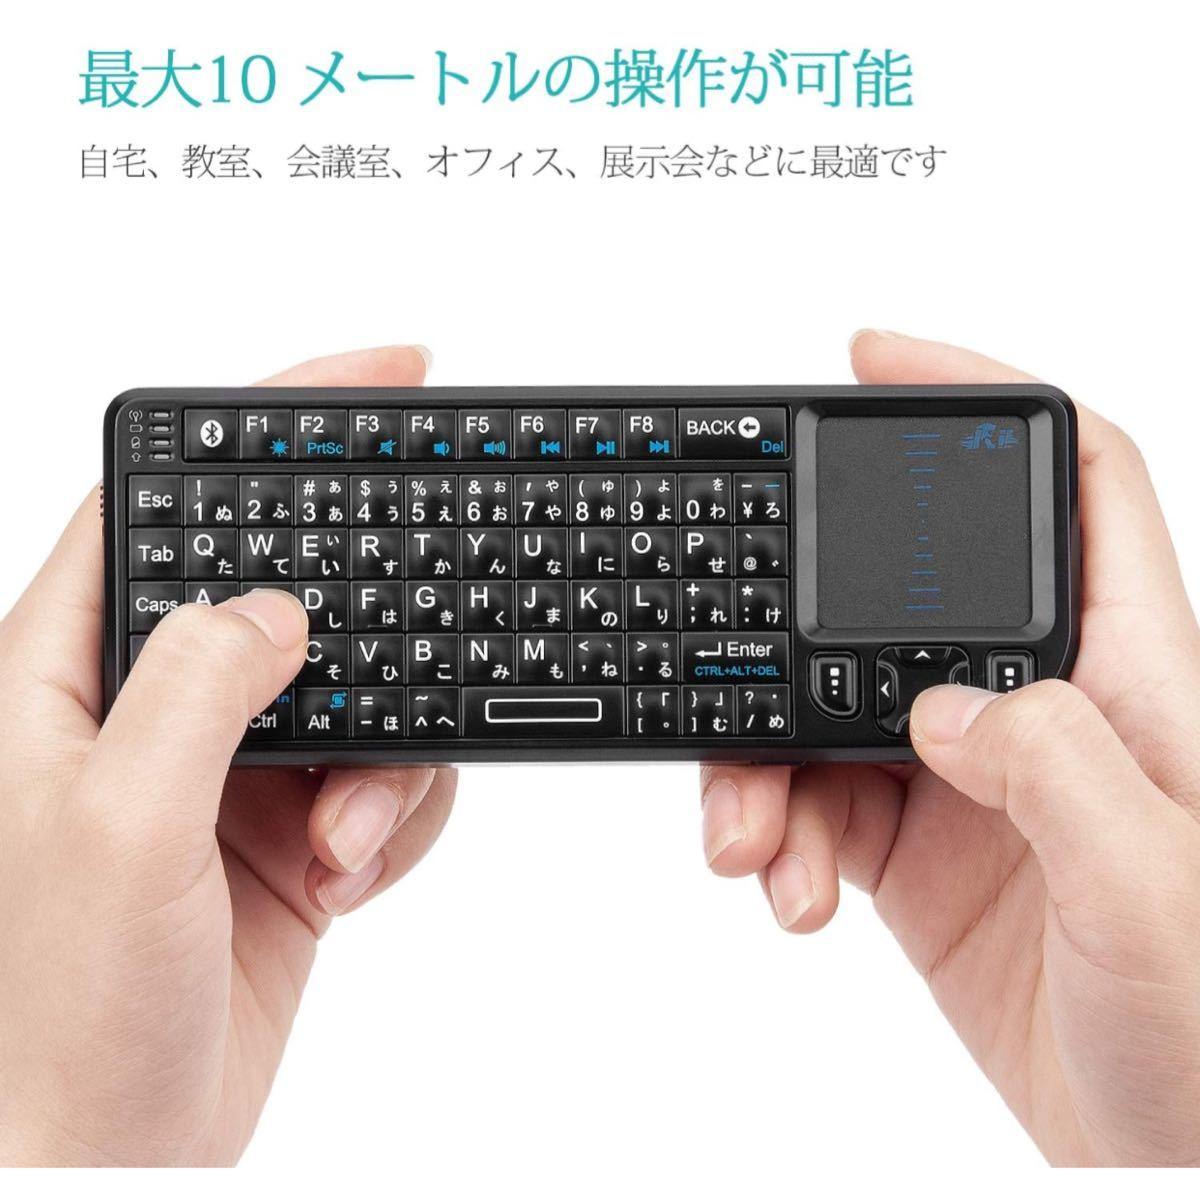 キーボードワイヤレス Bluetooth + 2.4GHz ダブル無線モード bluetoothキーボード超小型